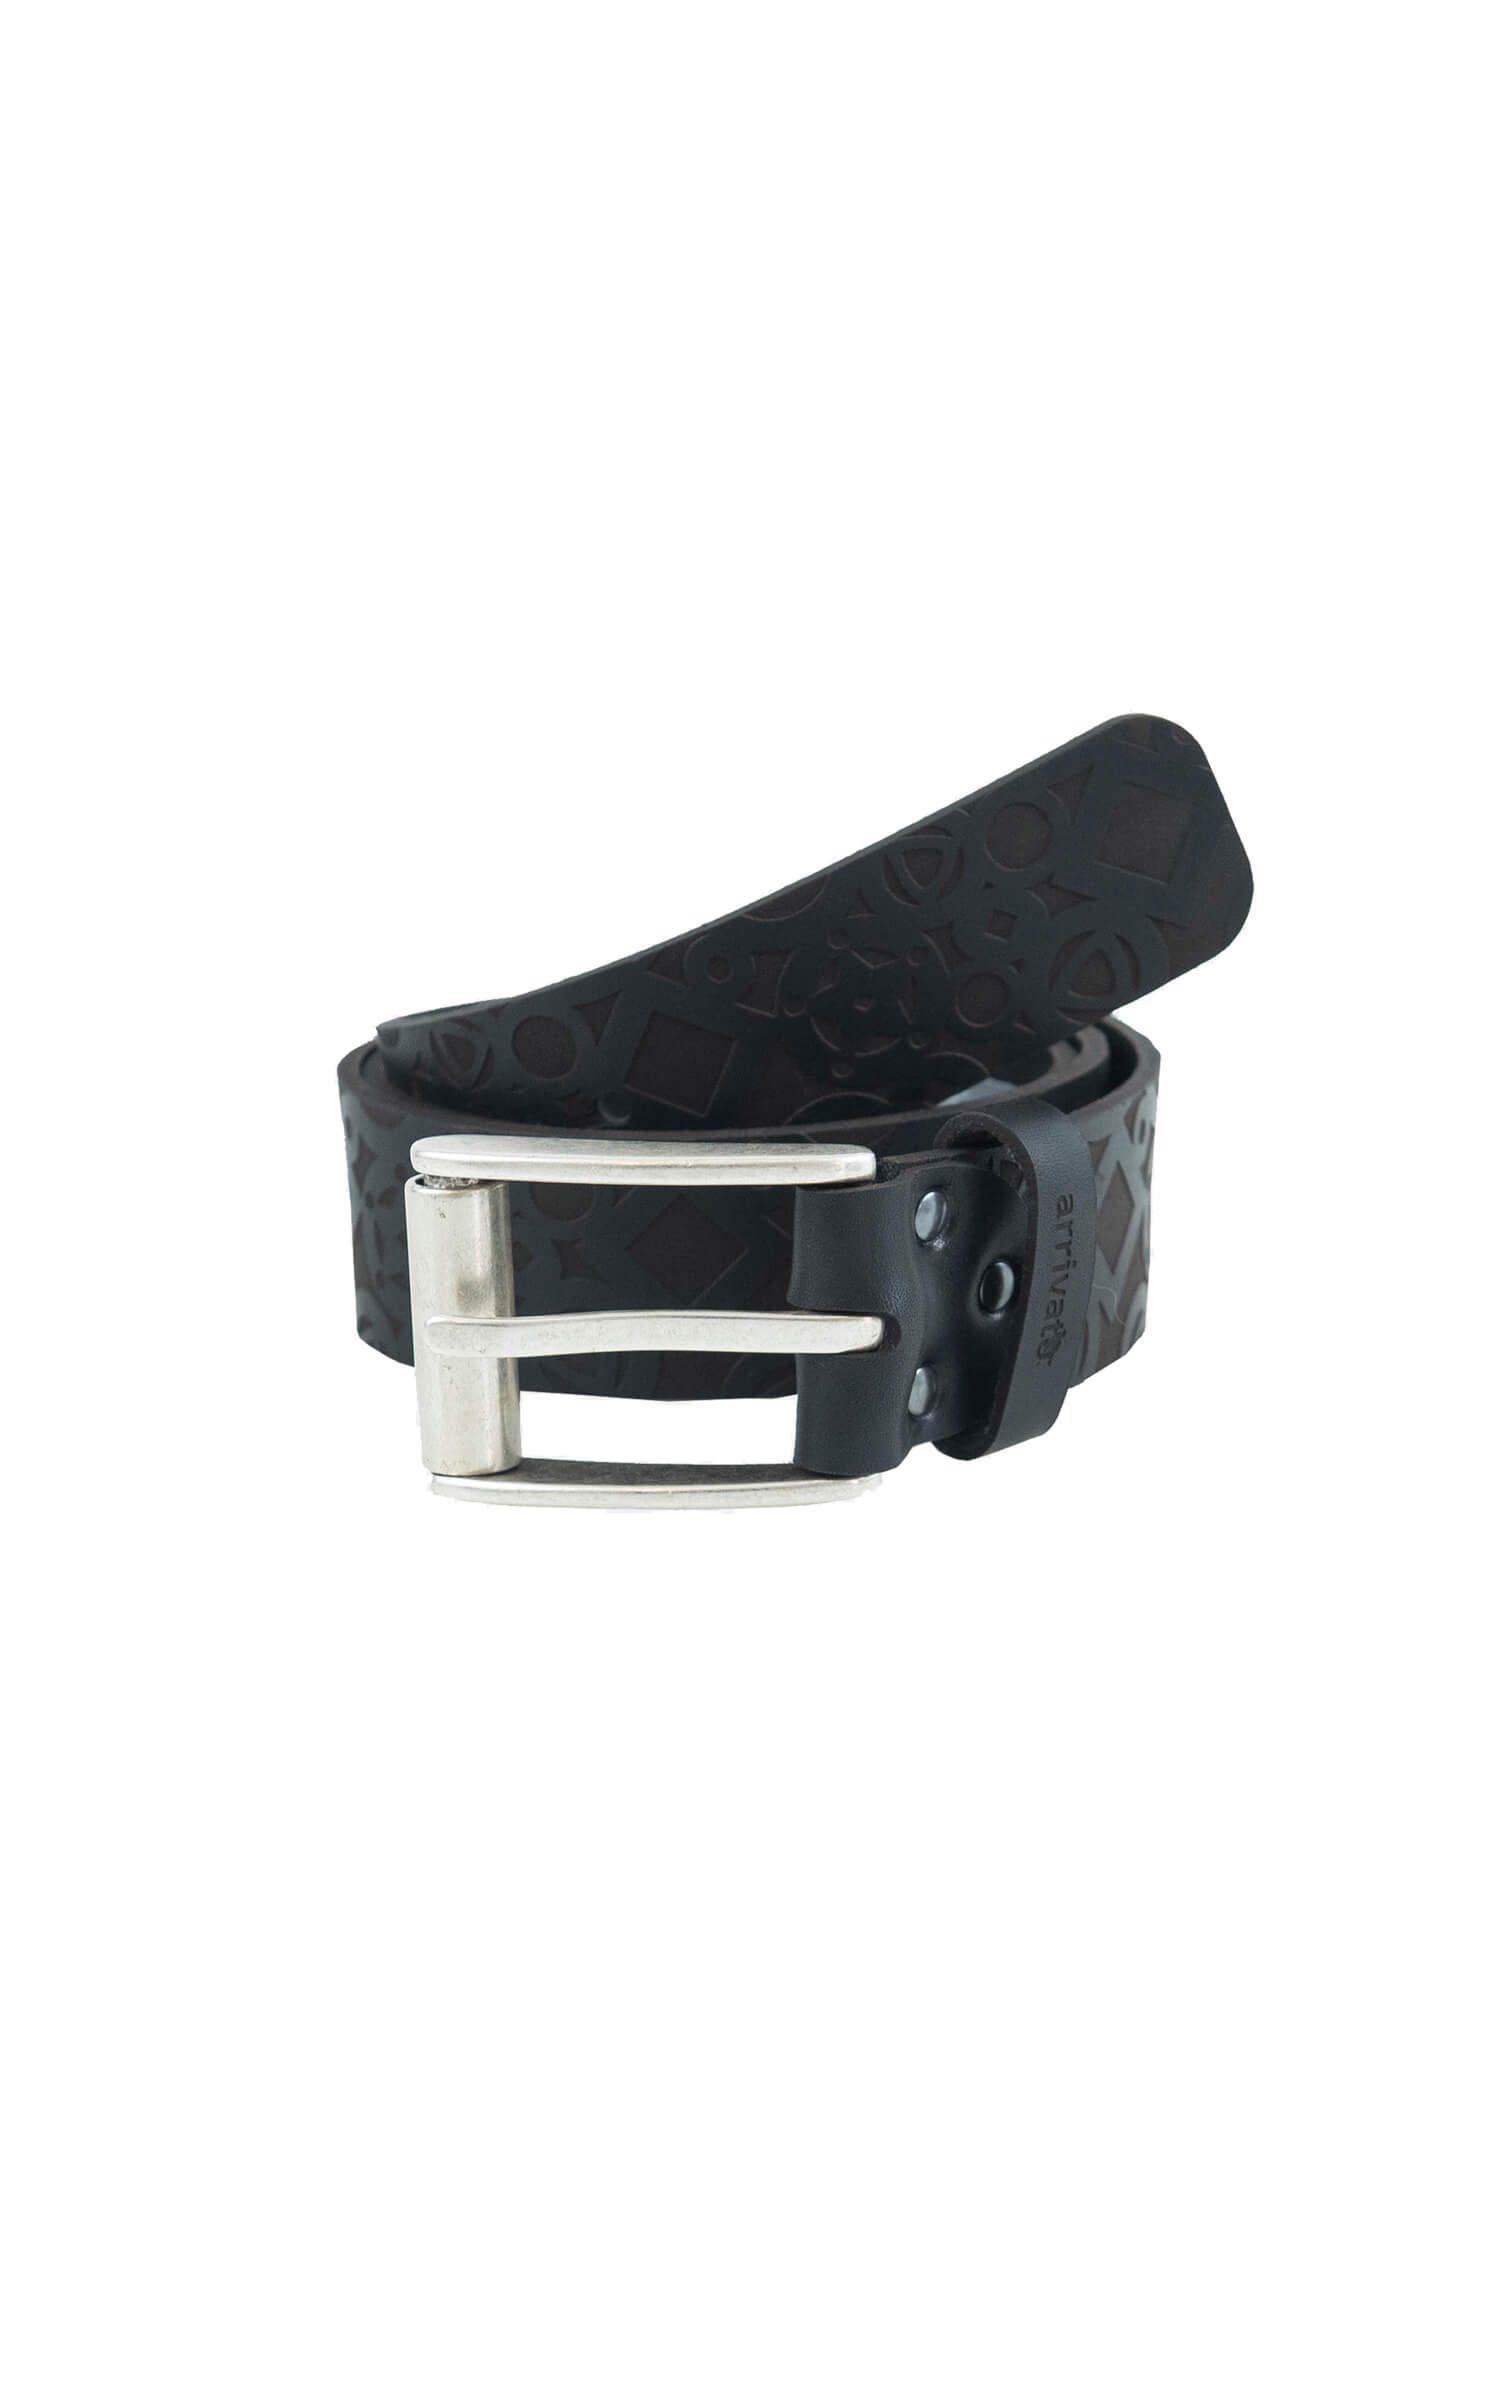 391aa650ad9b2c Modischer Herren-Gürtel Schwarz Rindleder | Leather Fashion Design ...